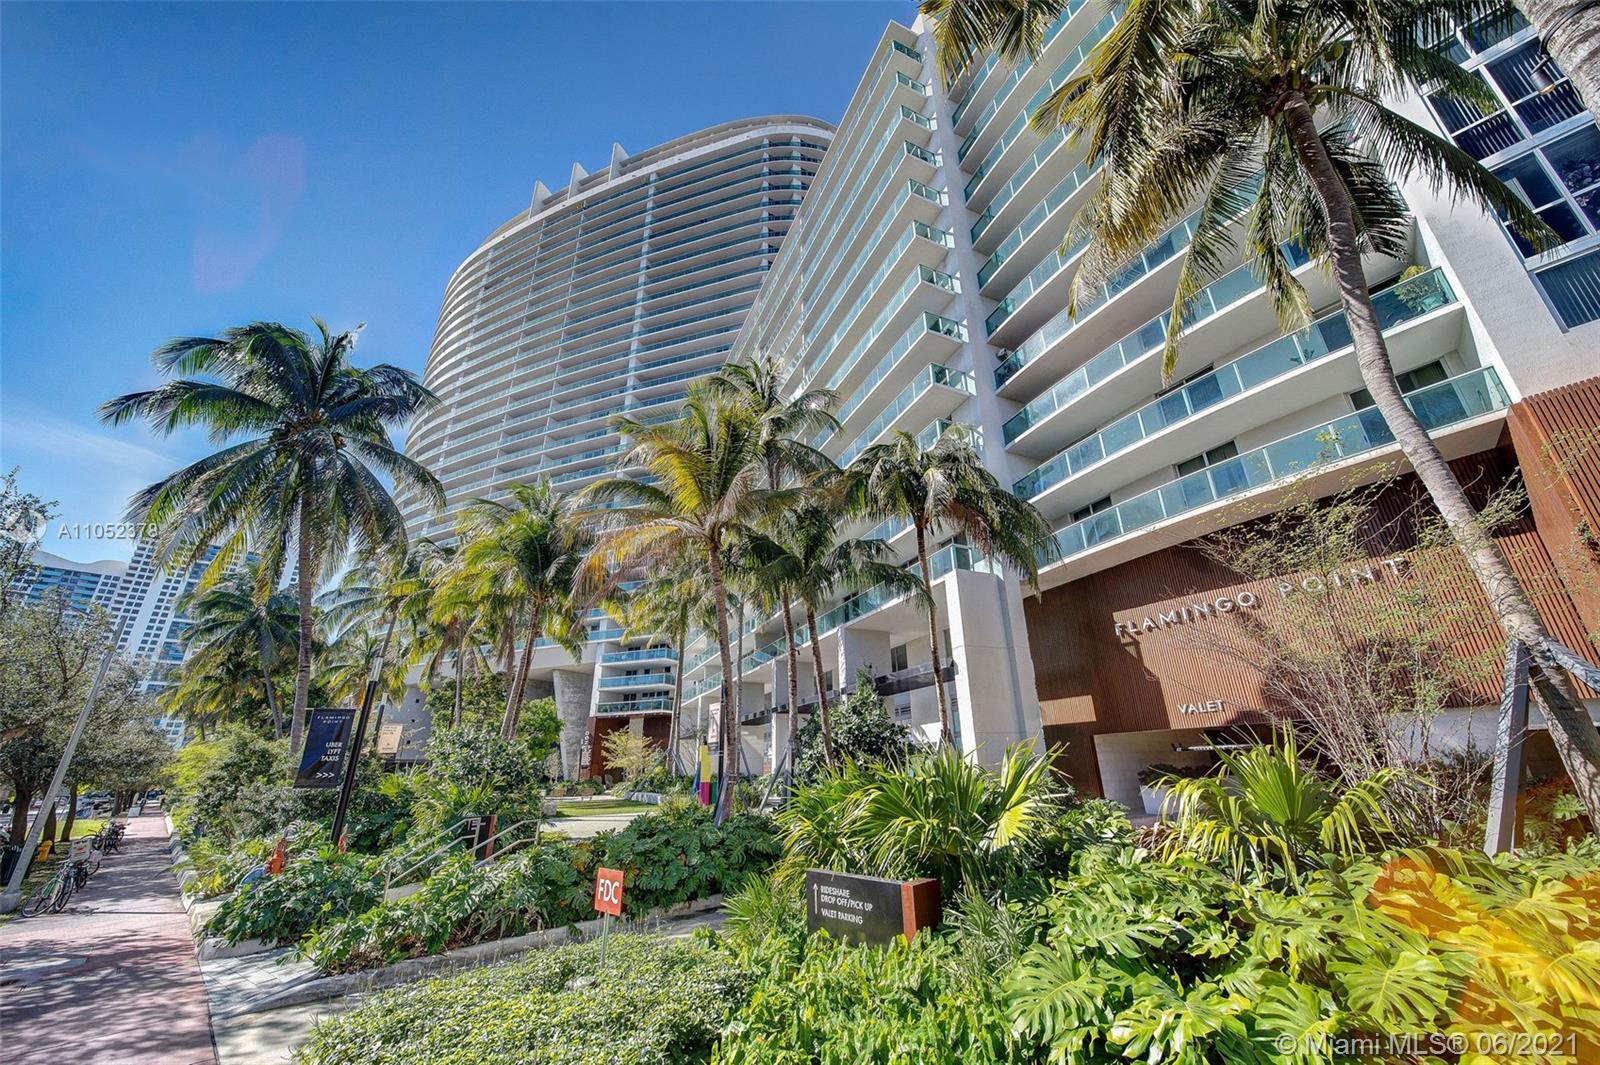 Flamingo South Beach #N-103 - 10 - photo